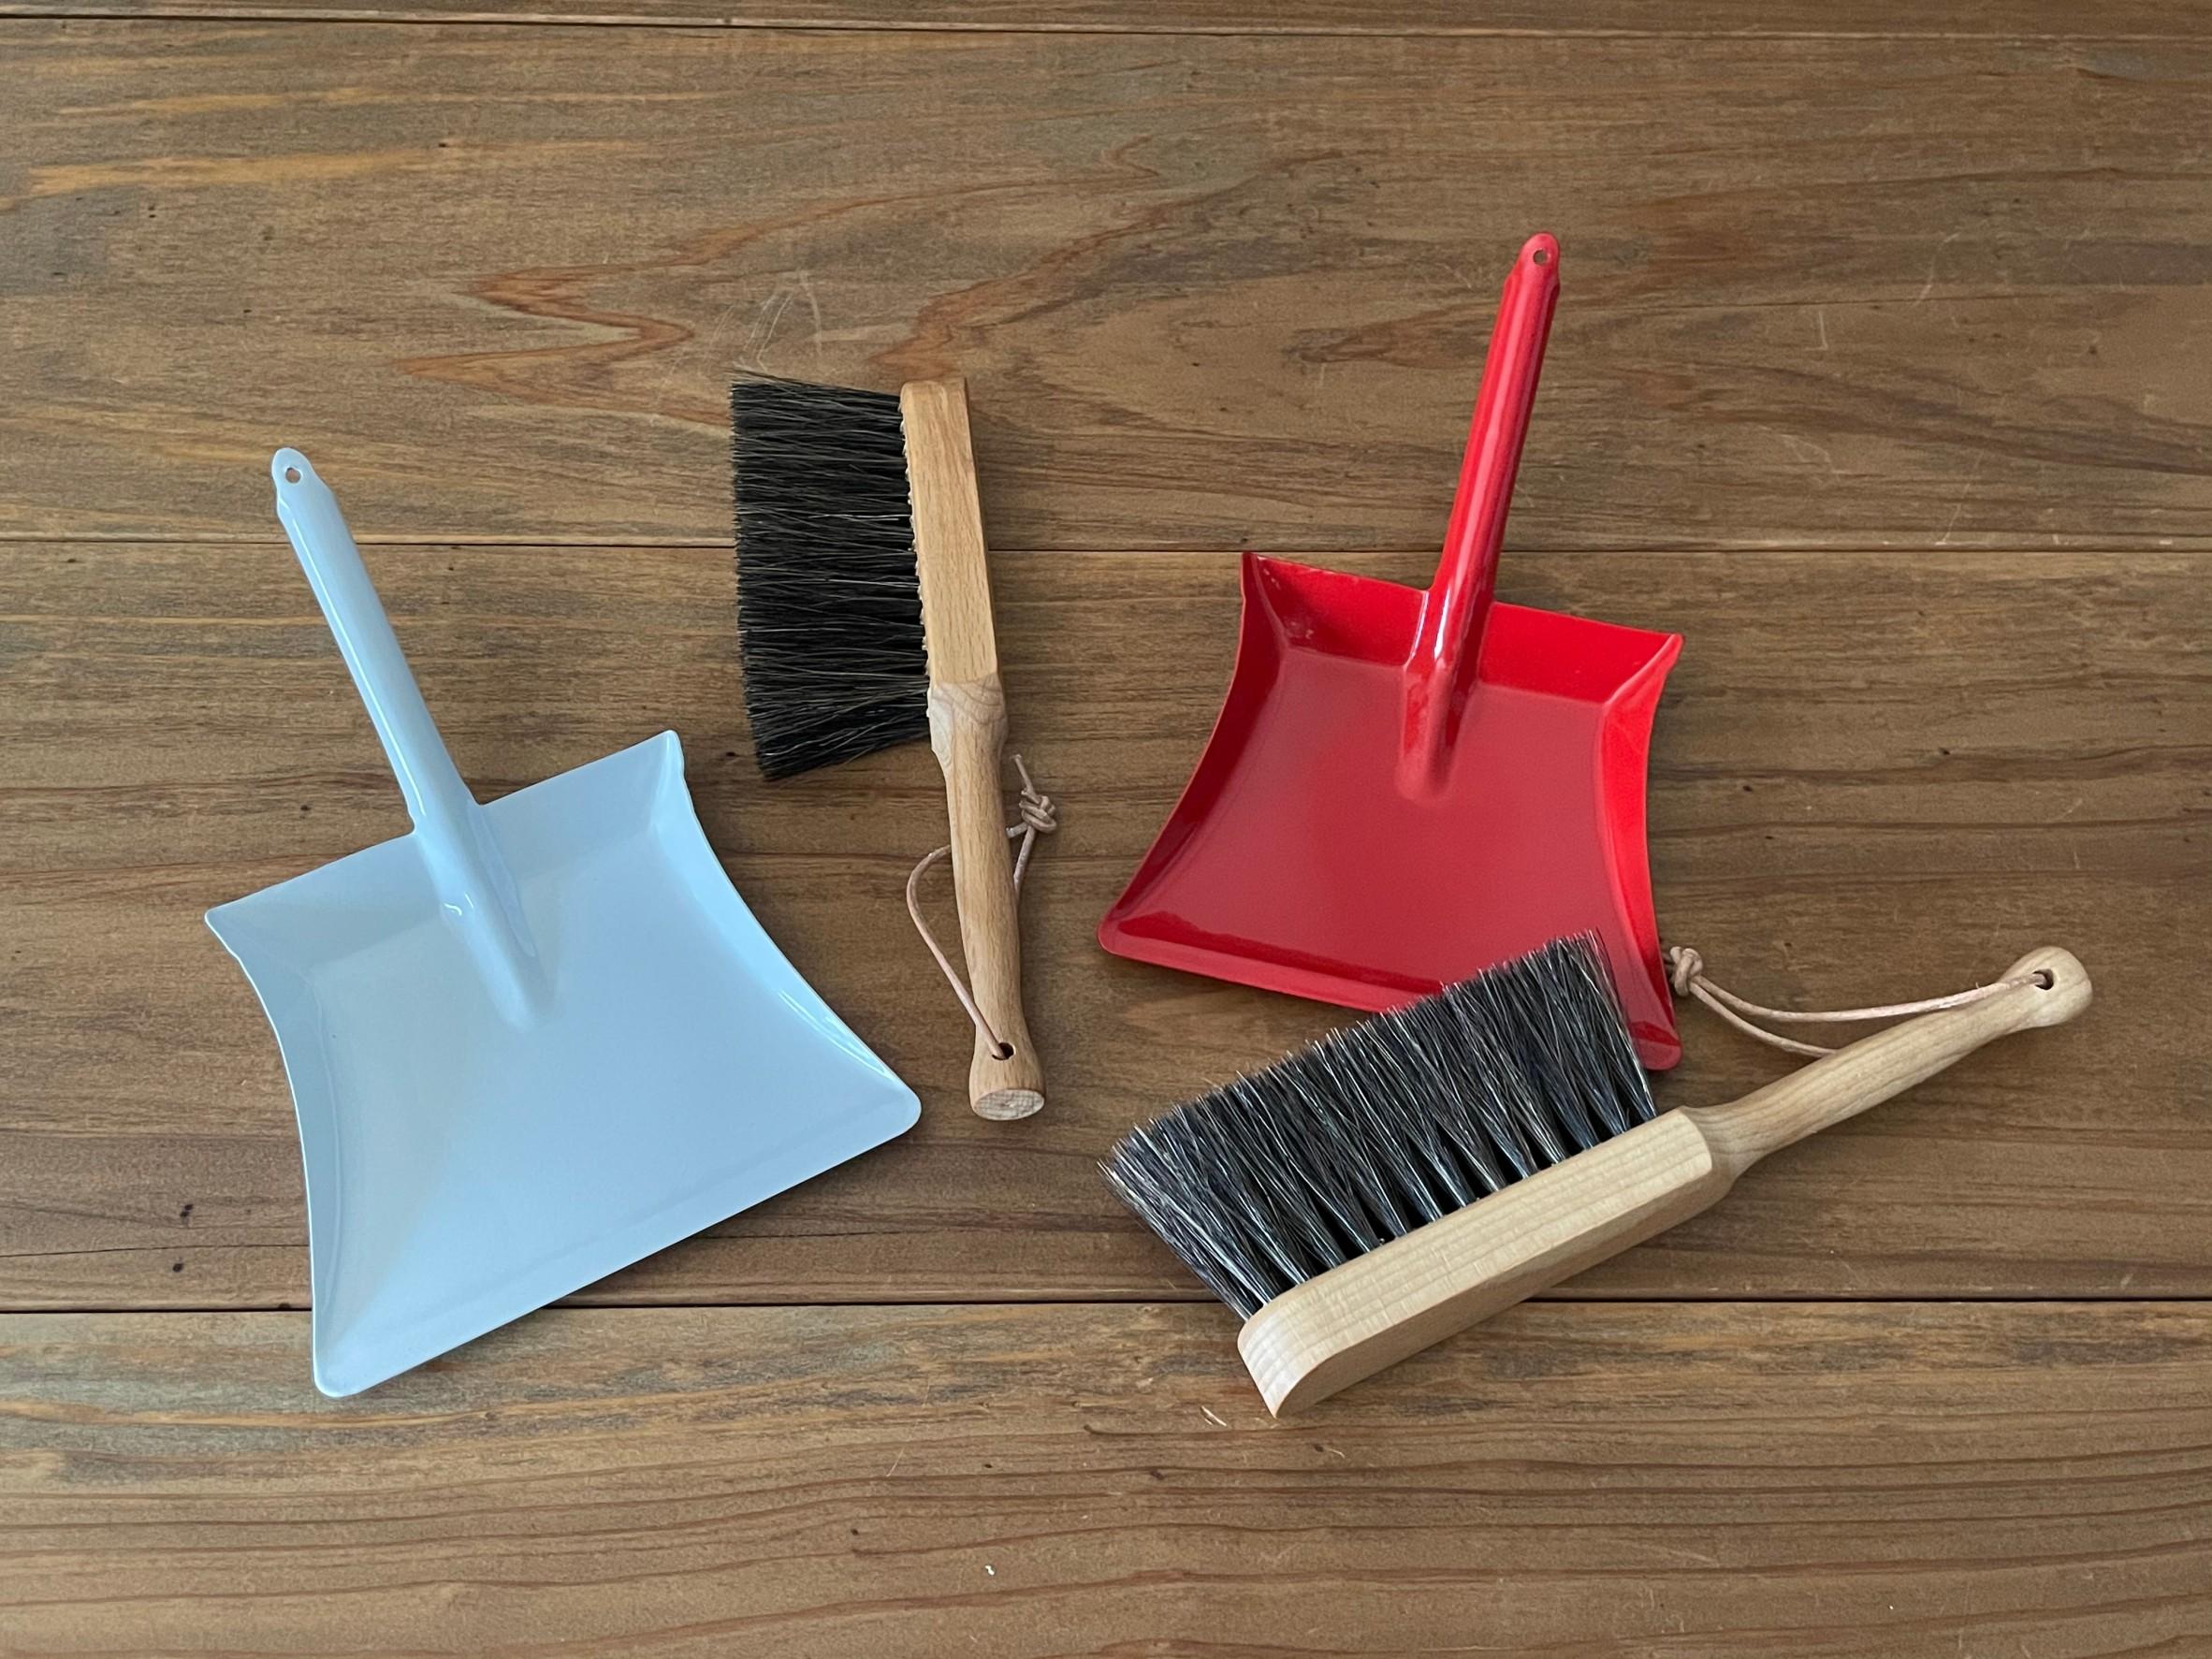 REDECKER Dust pan Set MINI テーブル用におすすめダストパンセット